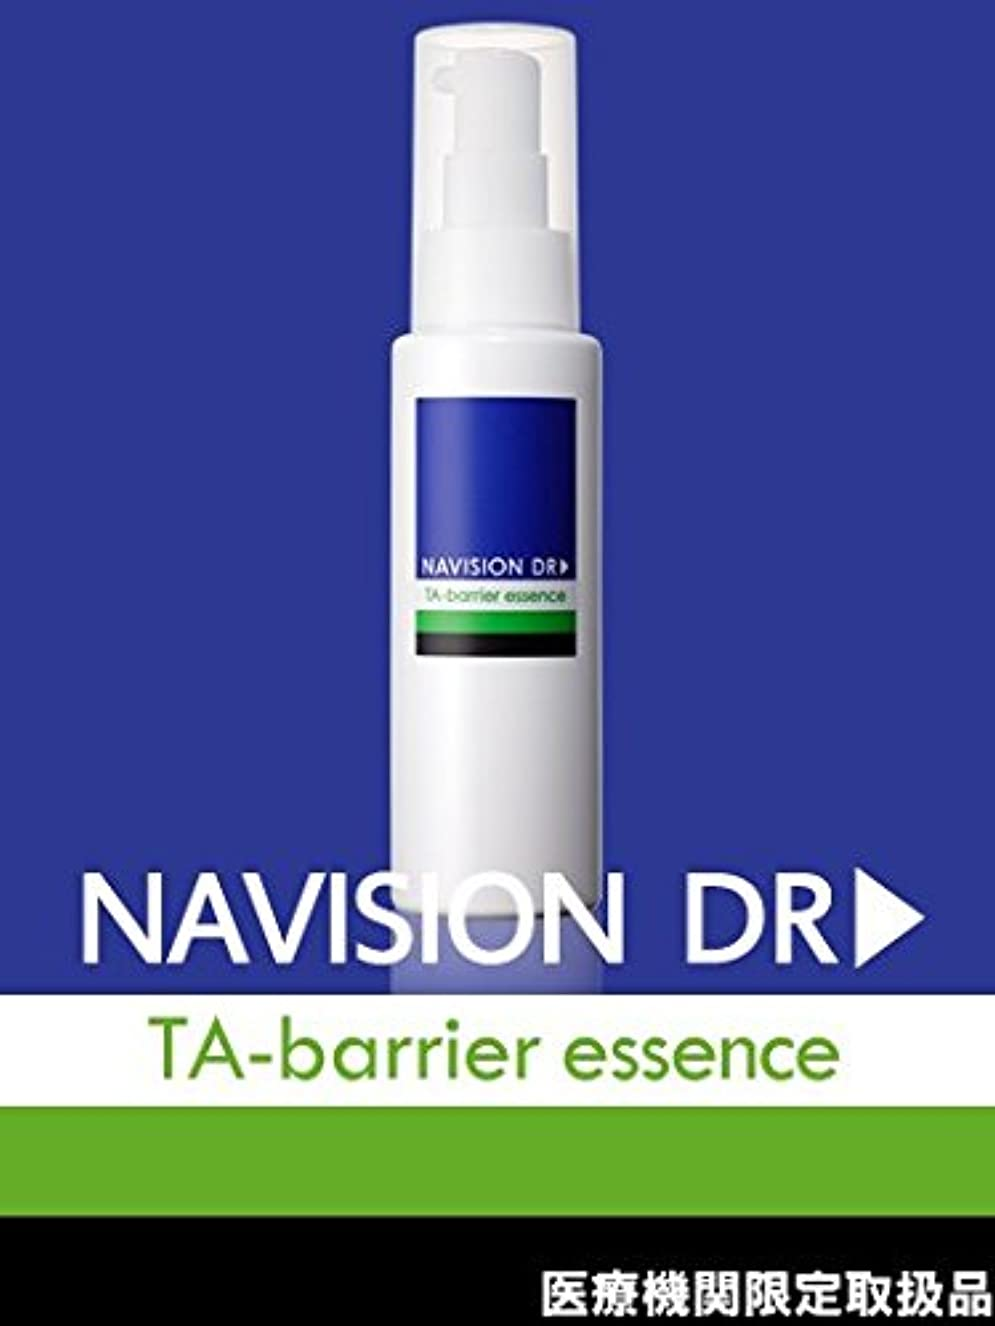 盆地正当な告発者NAVISION DR? ナビジョンDR TAバリアエッセンス(医薬部外品) 80mL 【医療機関限定取扱品】